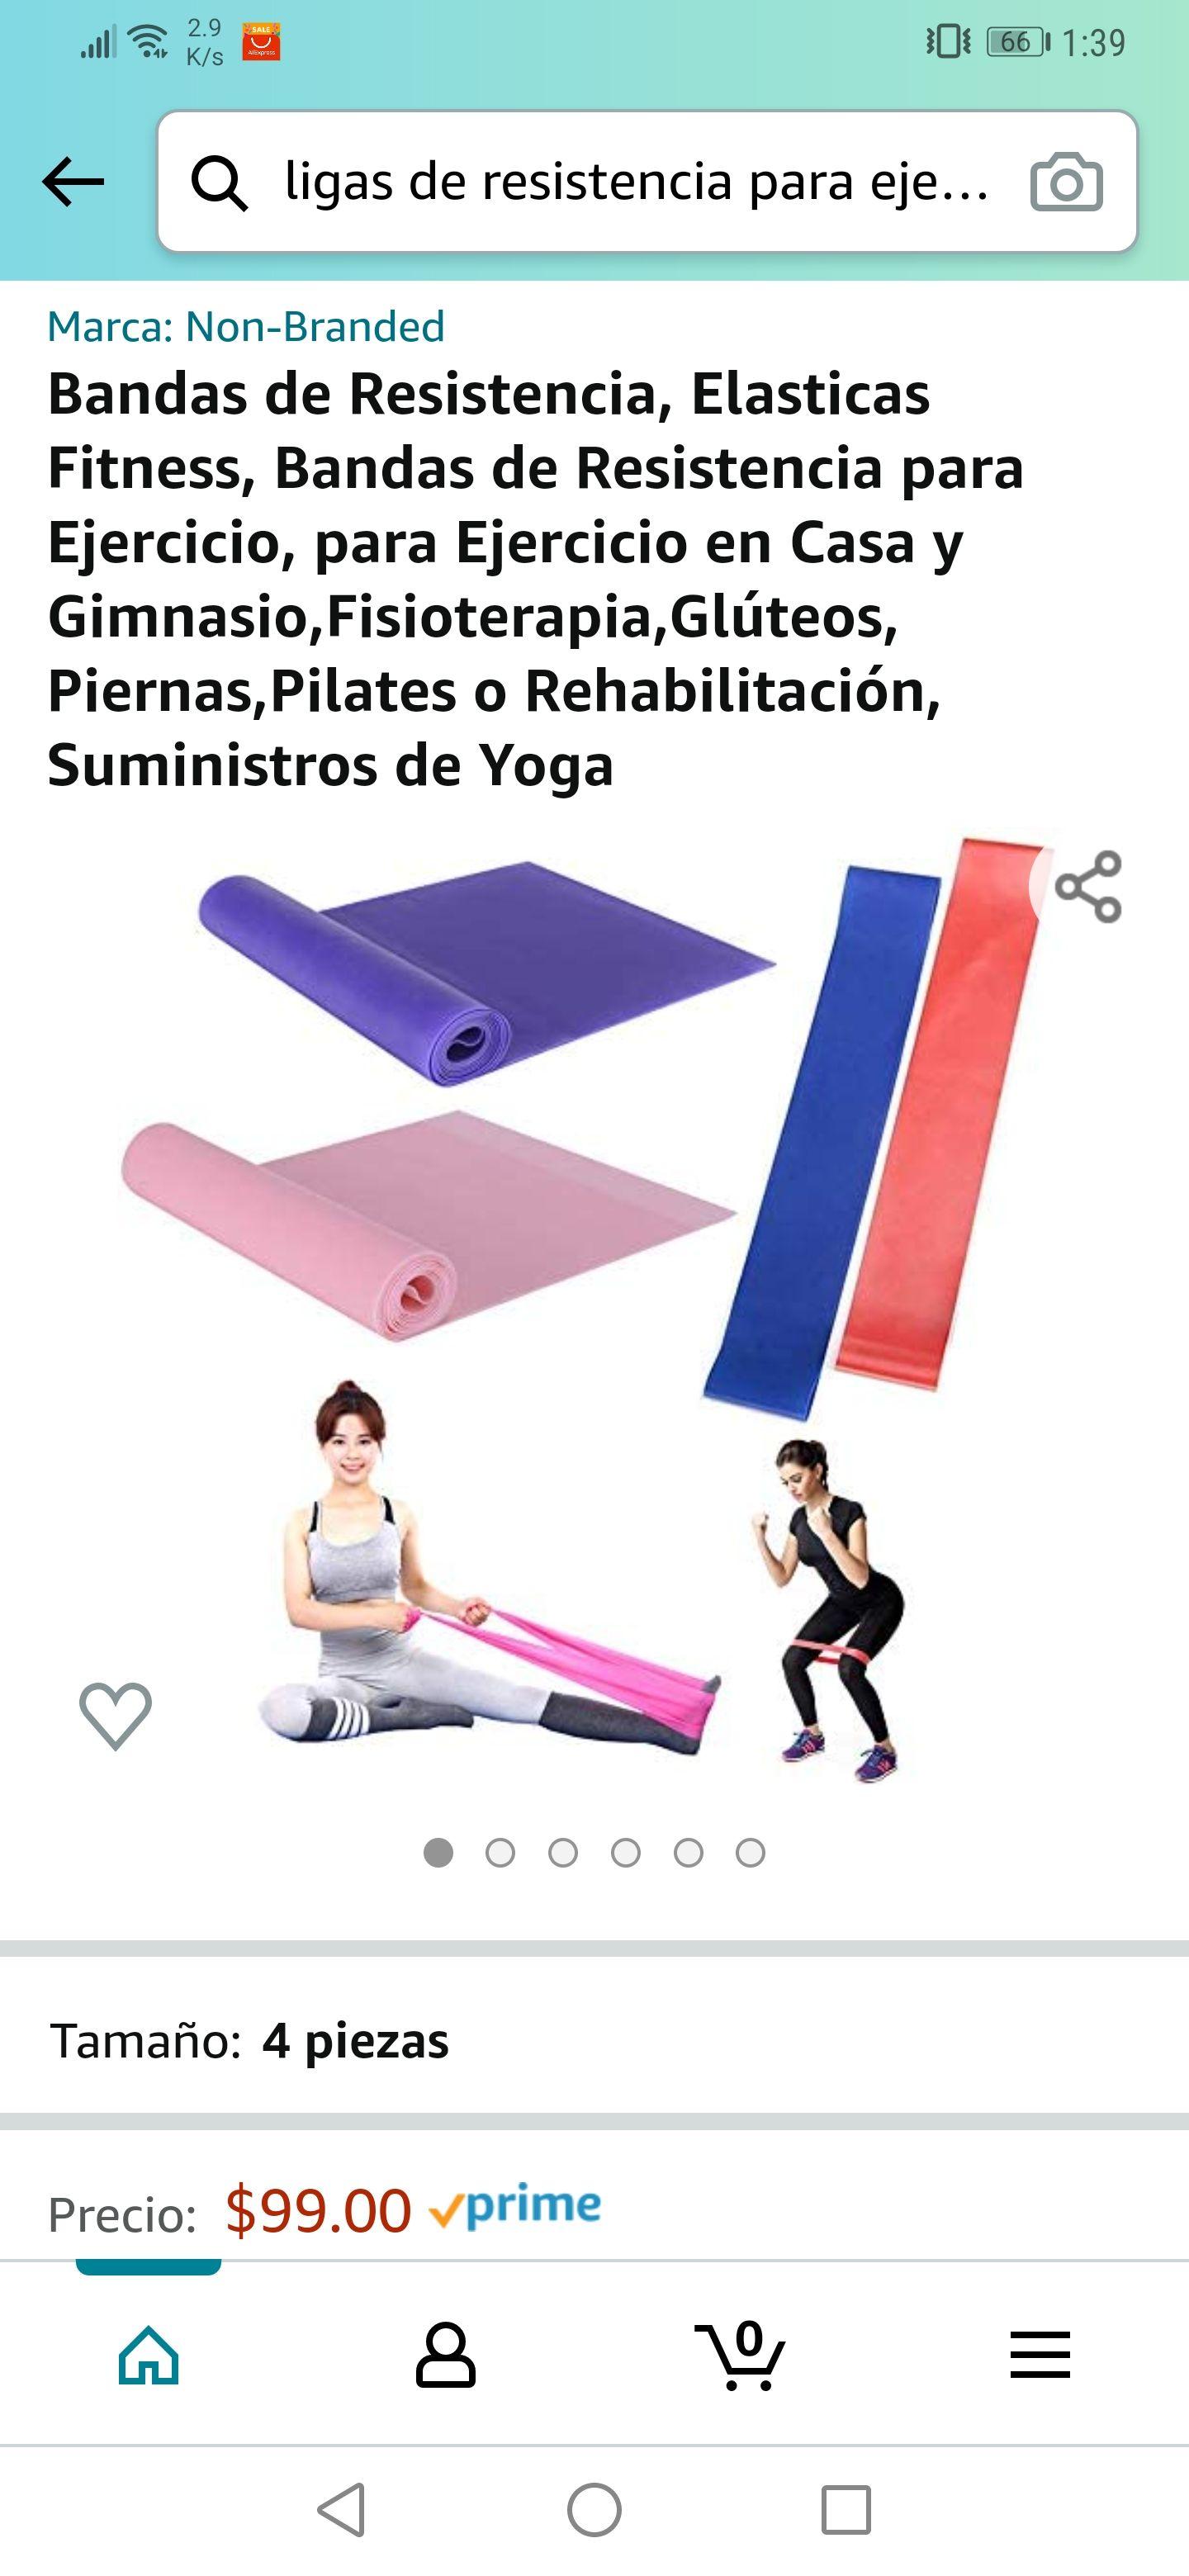 Amazon: Bandas de resistencia para ejercicio 4 piezas